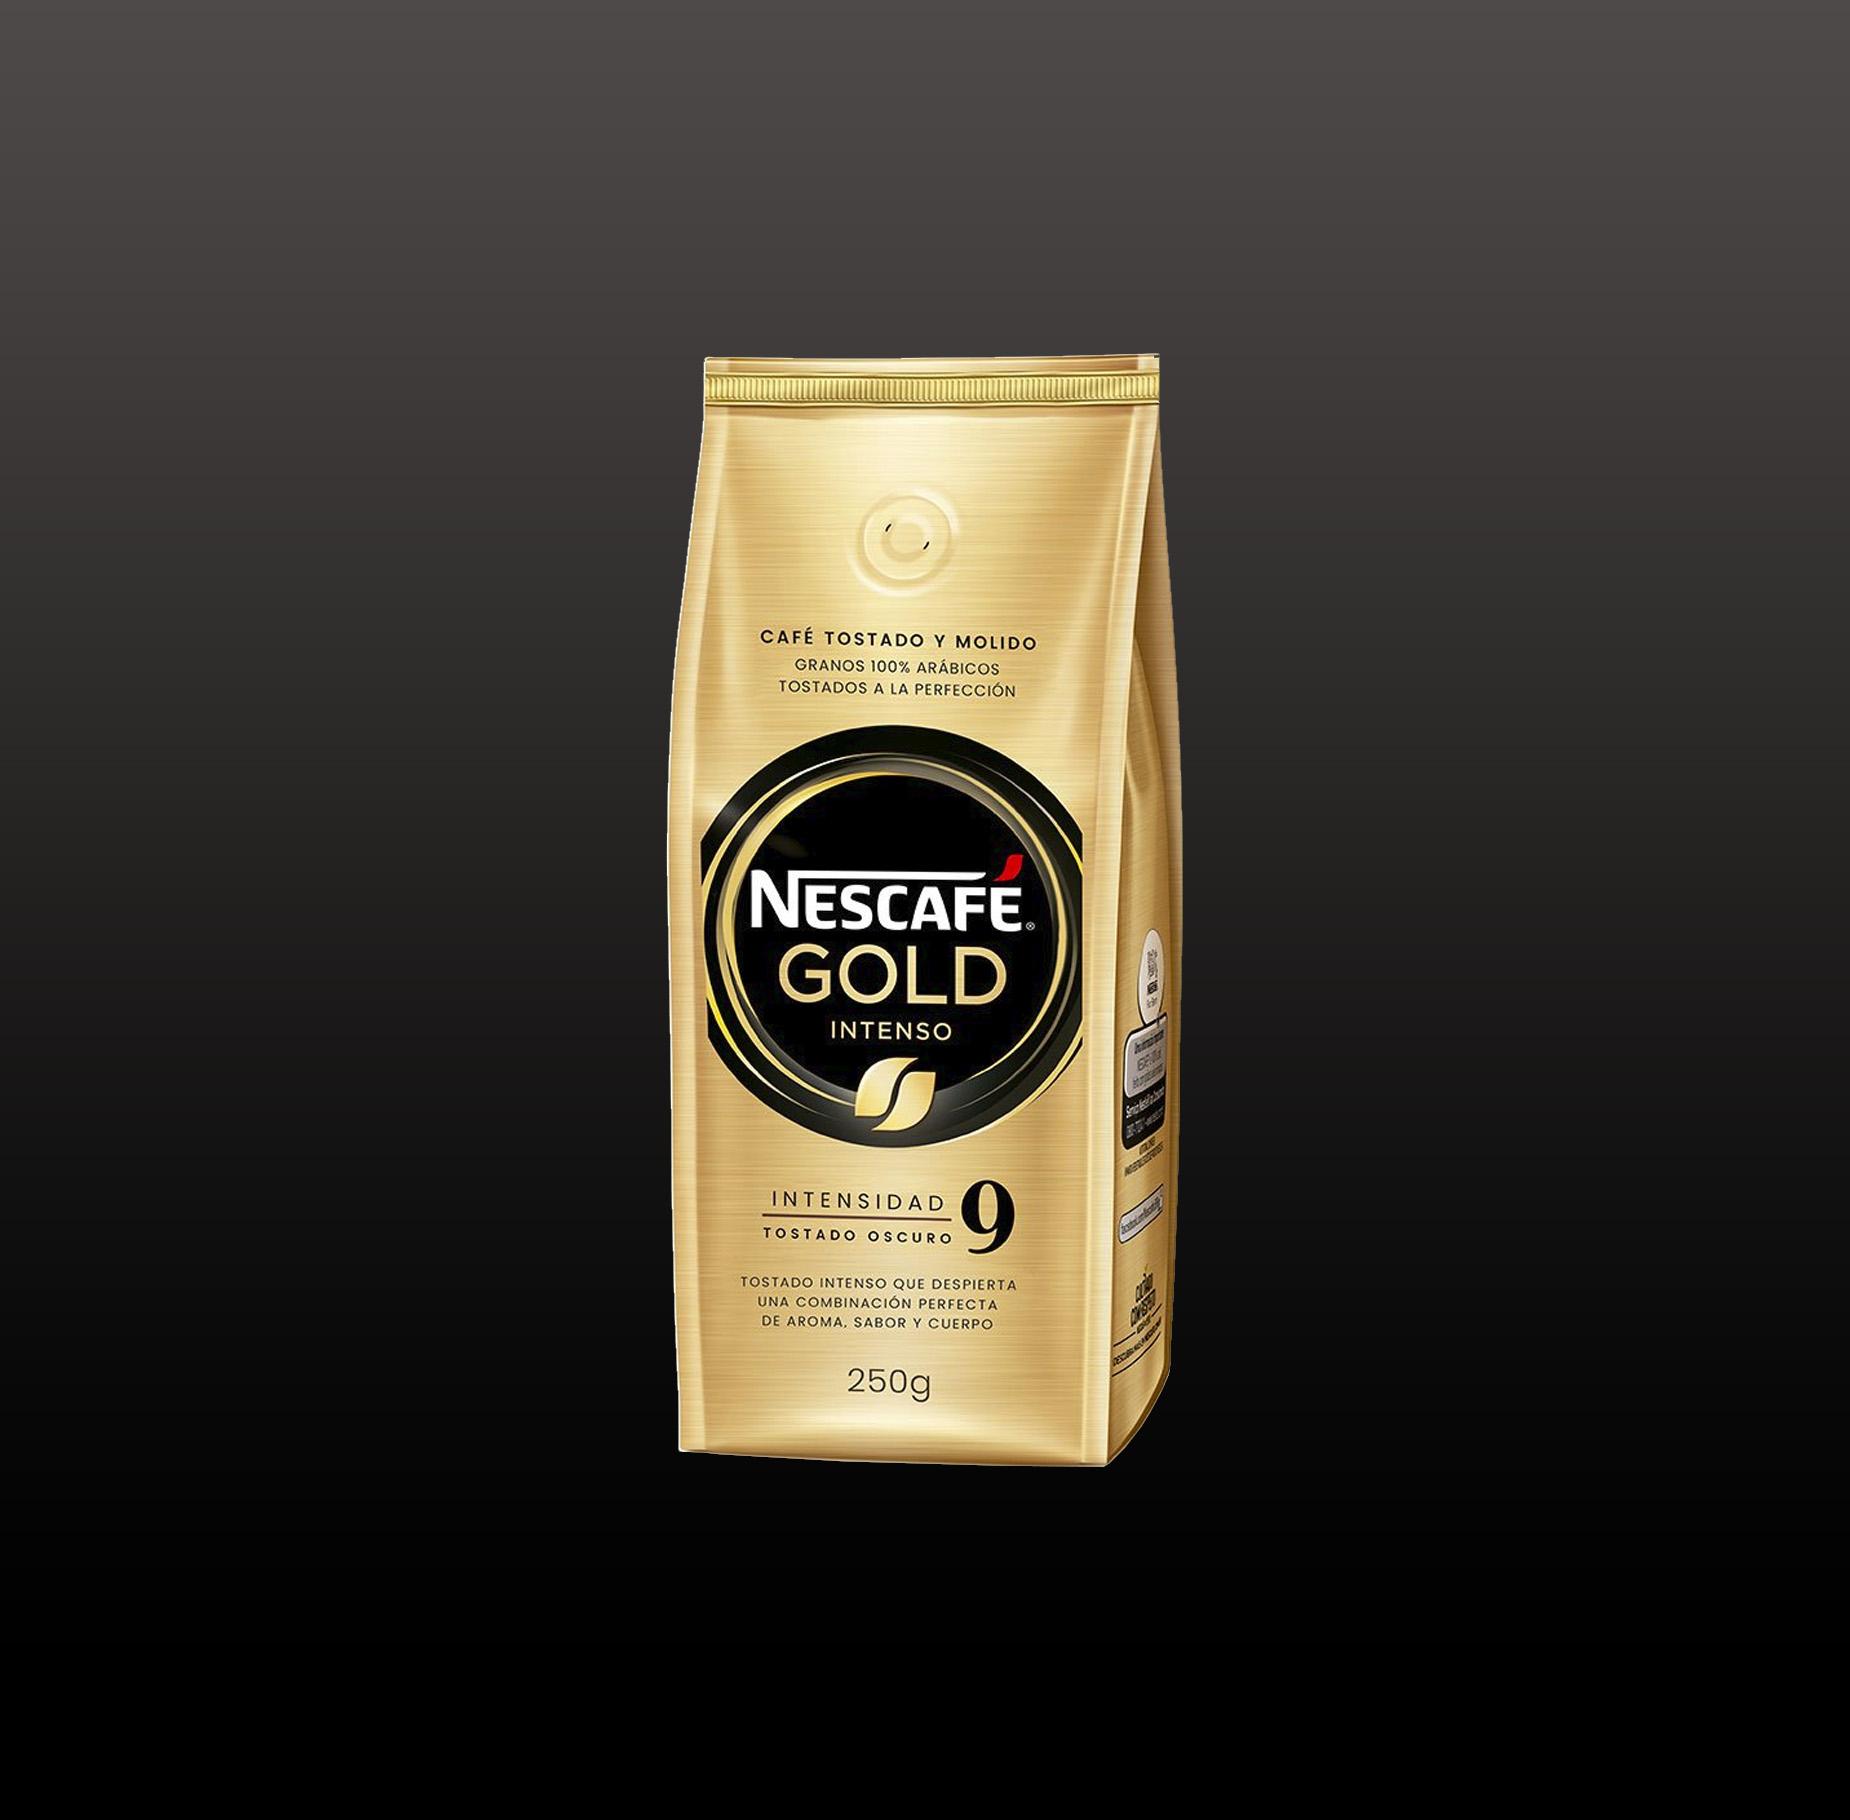 Nescafe Gold 9 250g